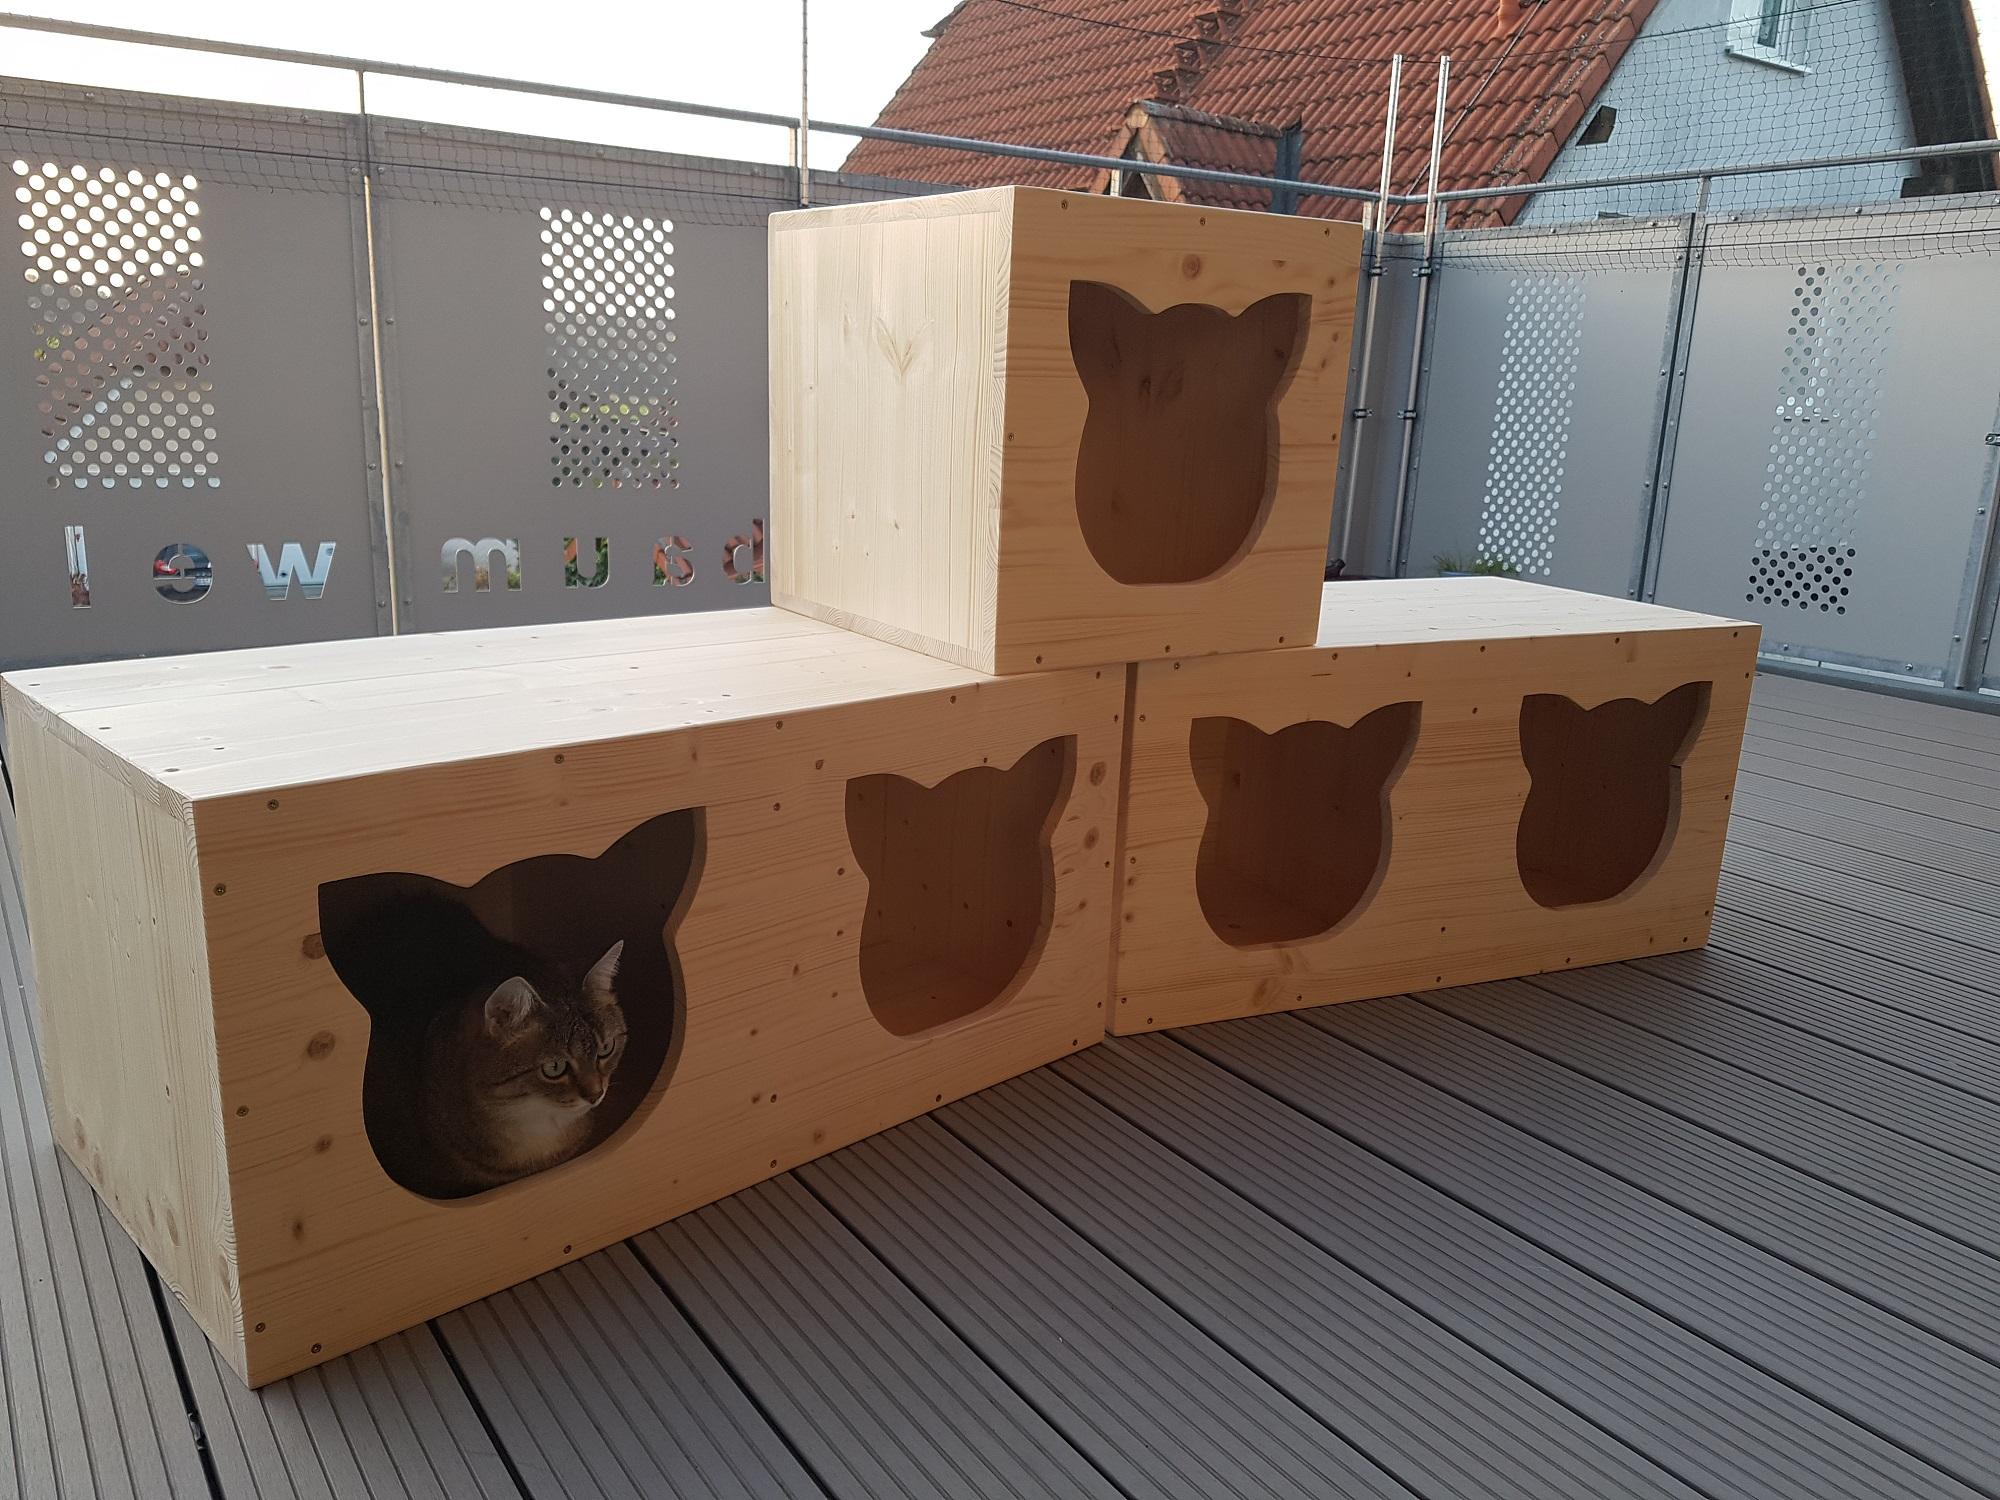 schlafplatz f r die katze h hle f r die katze katzenbett. Black Bedroom Furniture Sets. Home Design Ideas